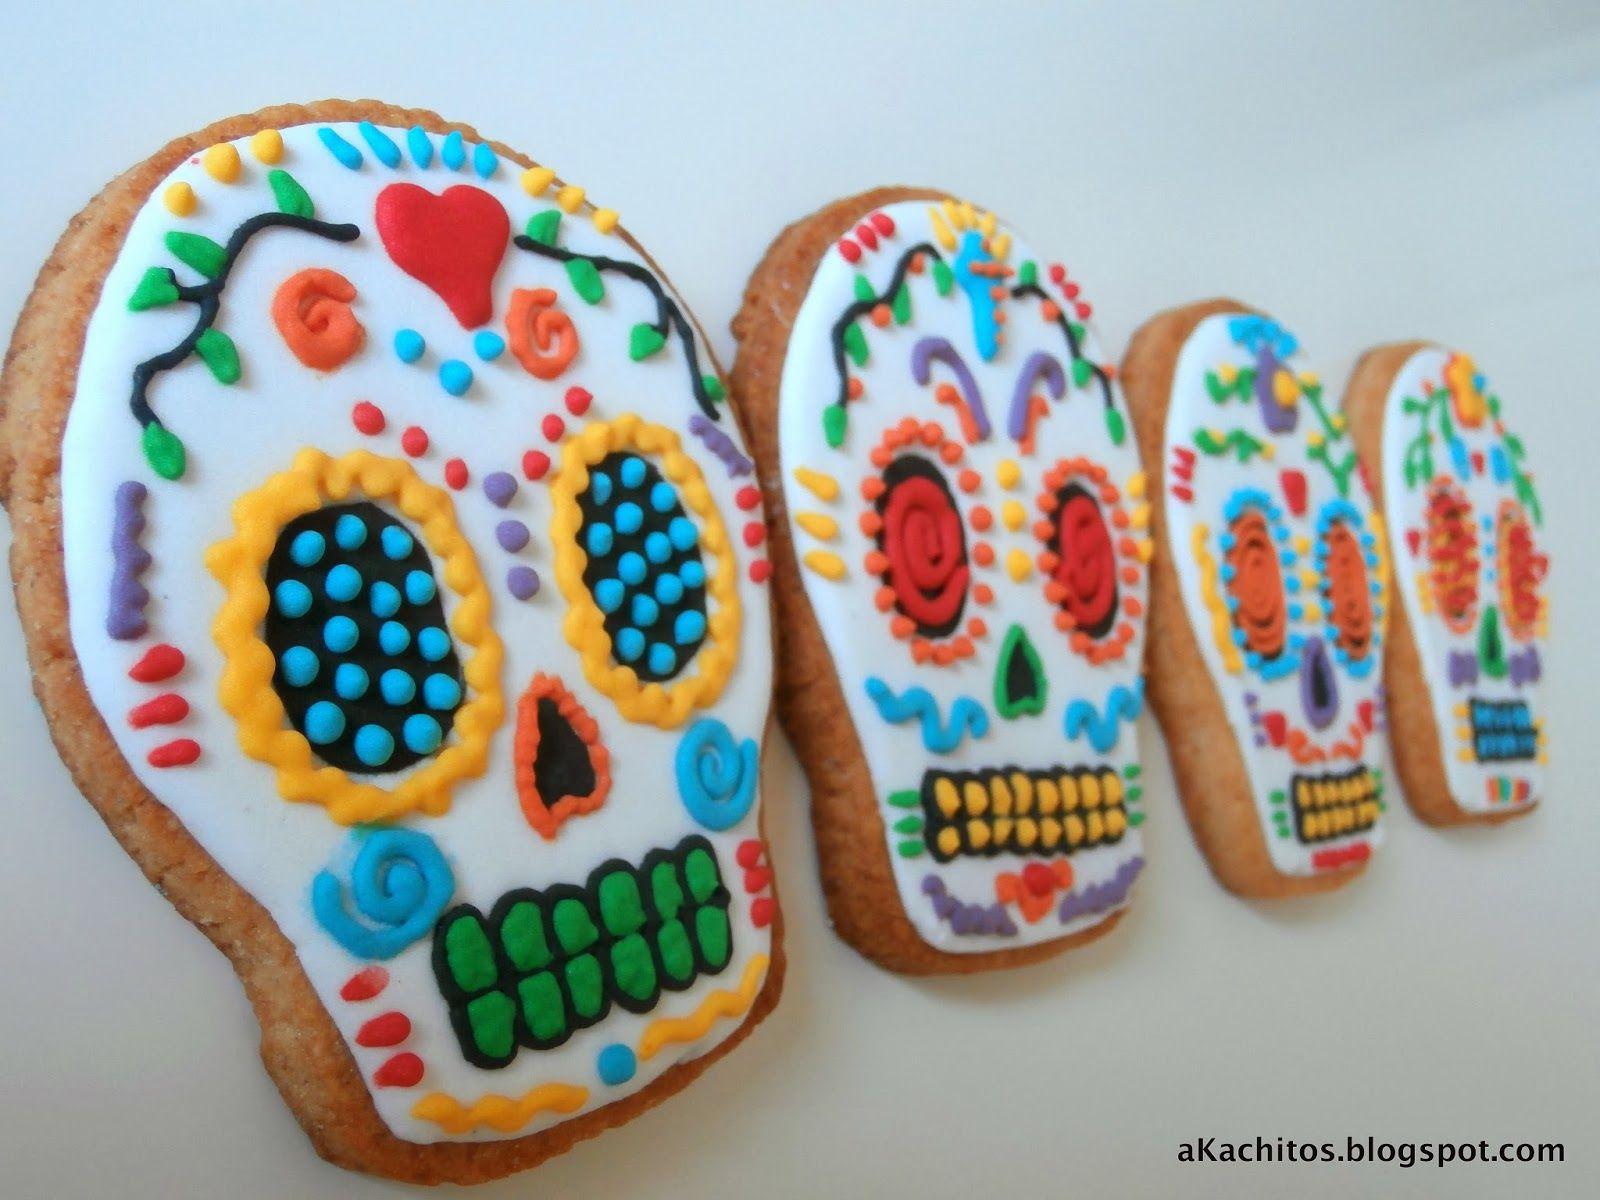 galletas decoradas de frida kahlo - Buscar con Google ...